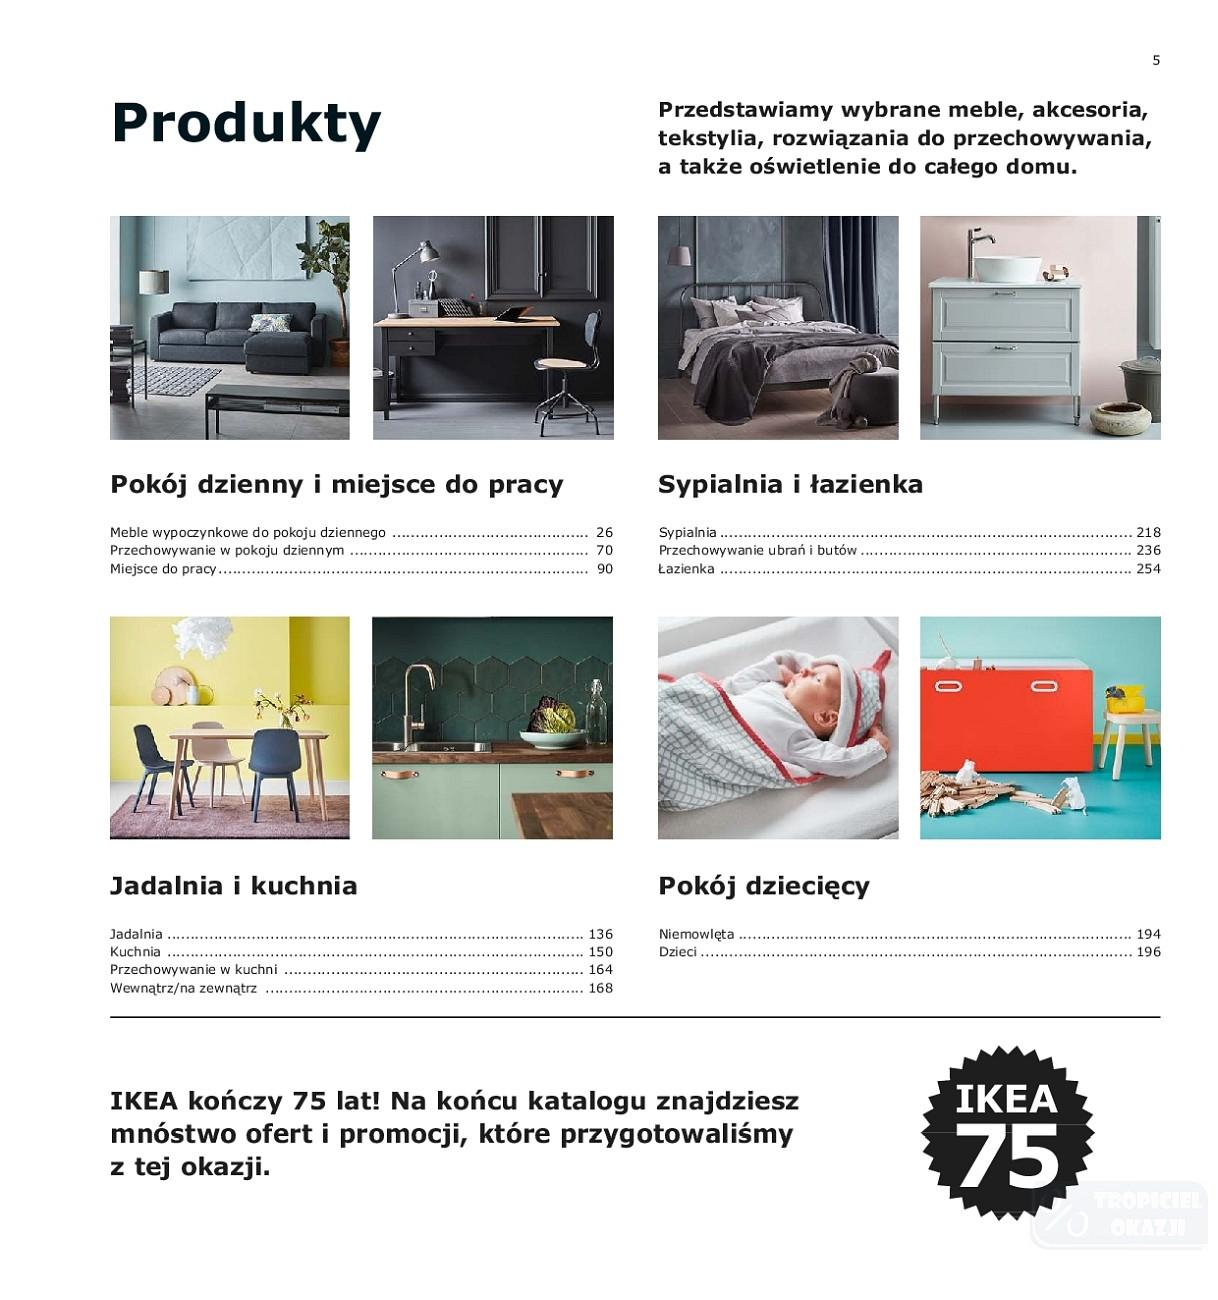 Gazetka promocyjna IKEA do 31/07/2019 str.5